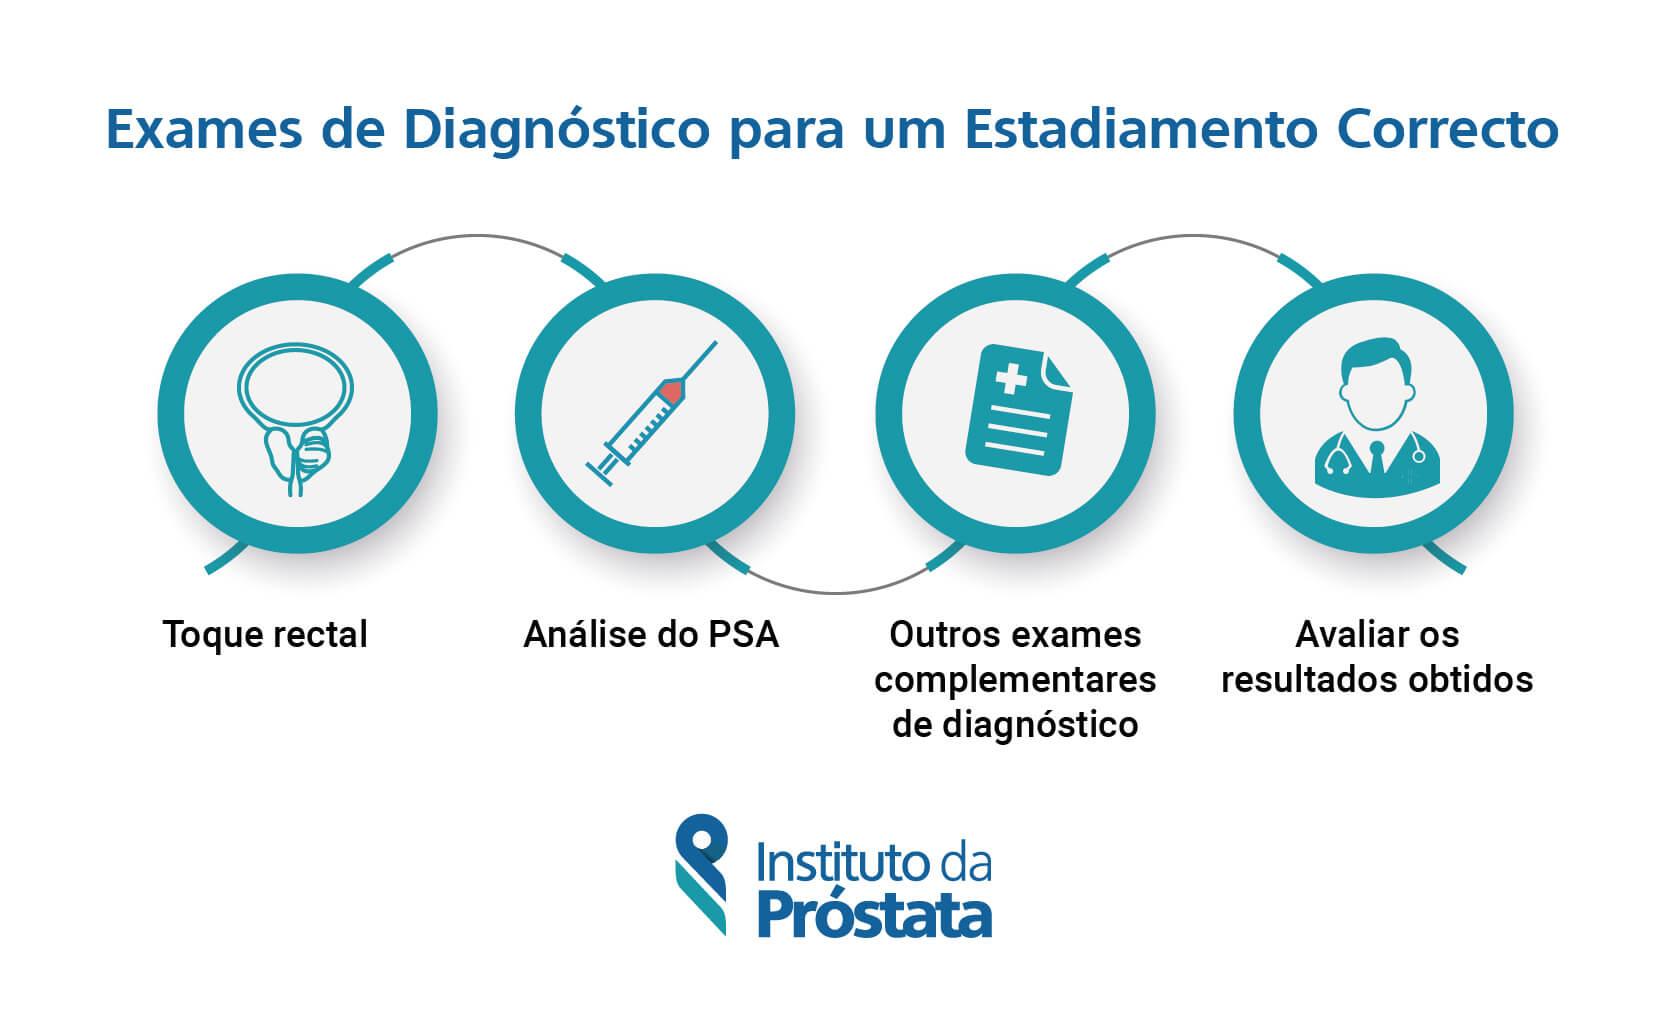 Exames Diagnostico Estadiamento Correcto